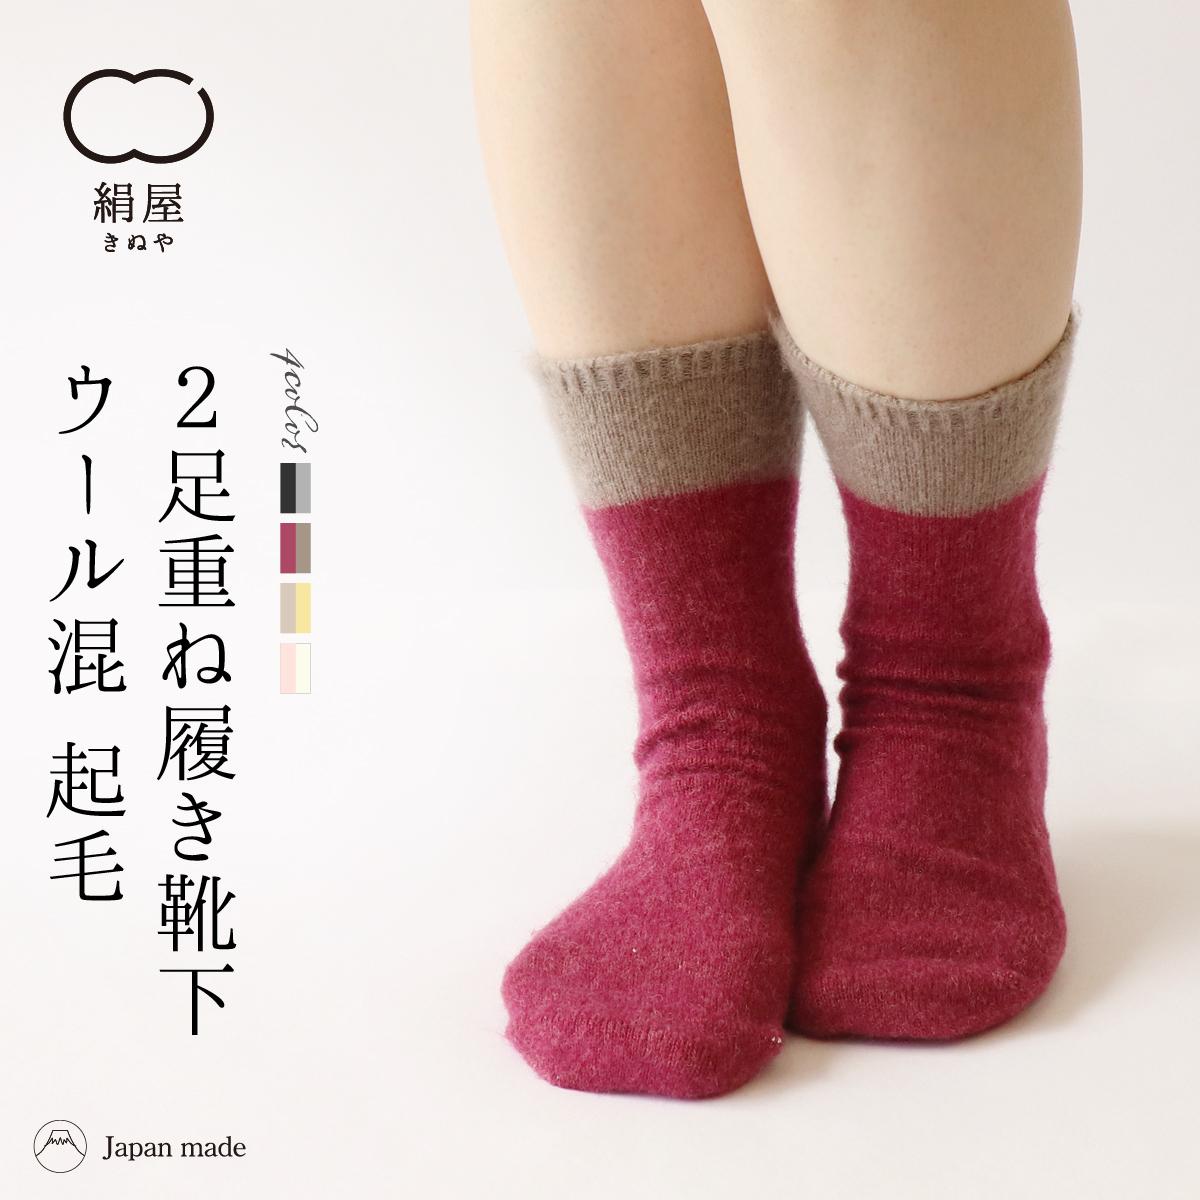 よく空気を含むのでふんわりと軽く 温かい靴下ができました 重ね履き 靴下 2足セット ウール混 起毛 ファッション通販 レディース 女性用 くつした ソックス 冷え取り 温活 絹屋 送料0円 日本製 プレゼント ギフト